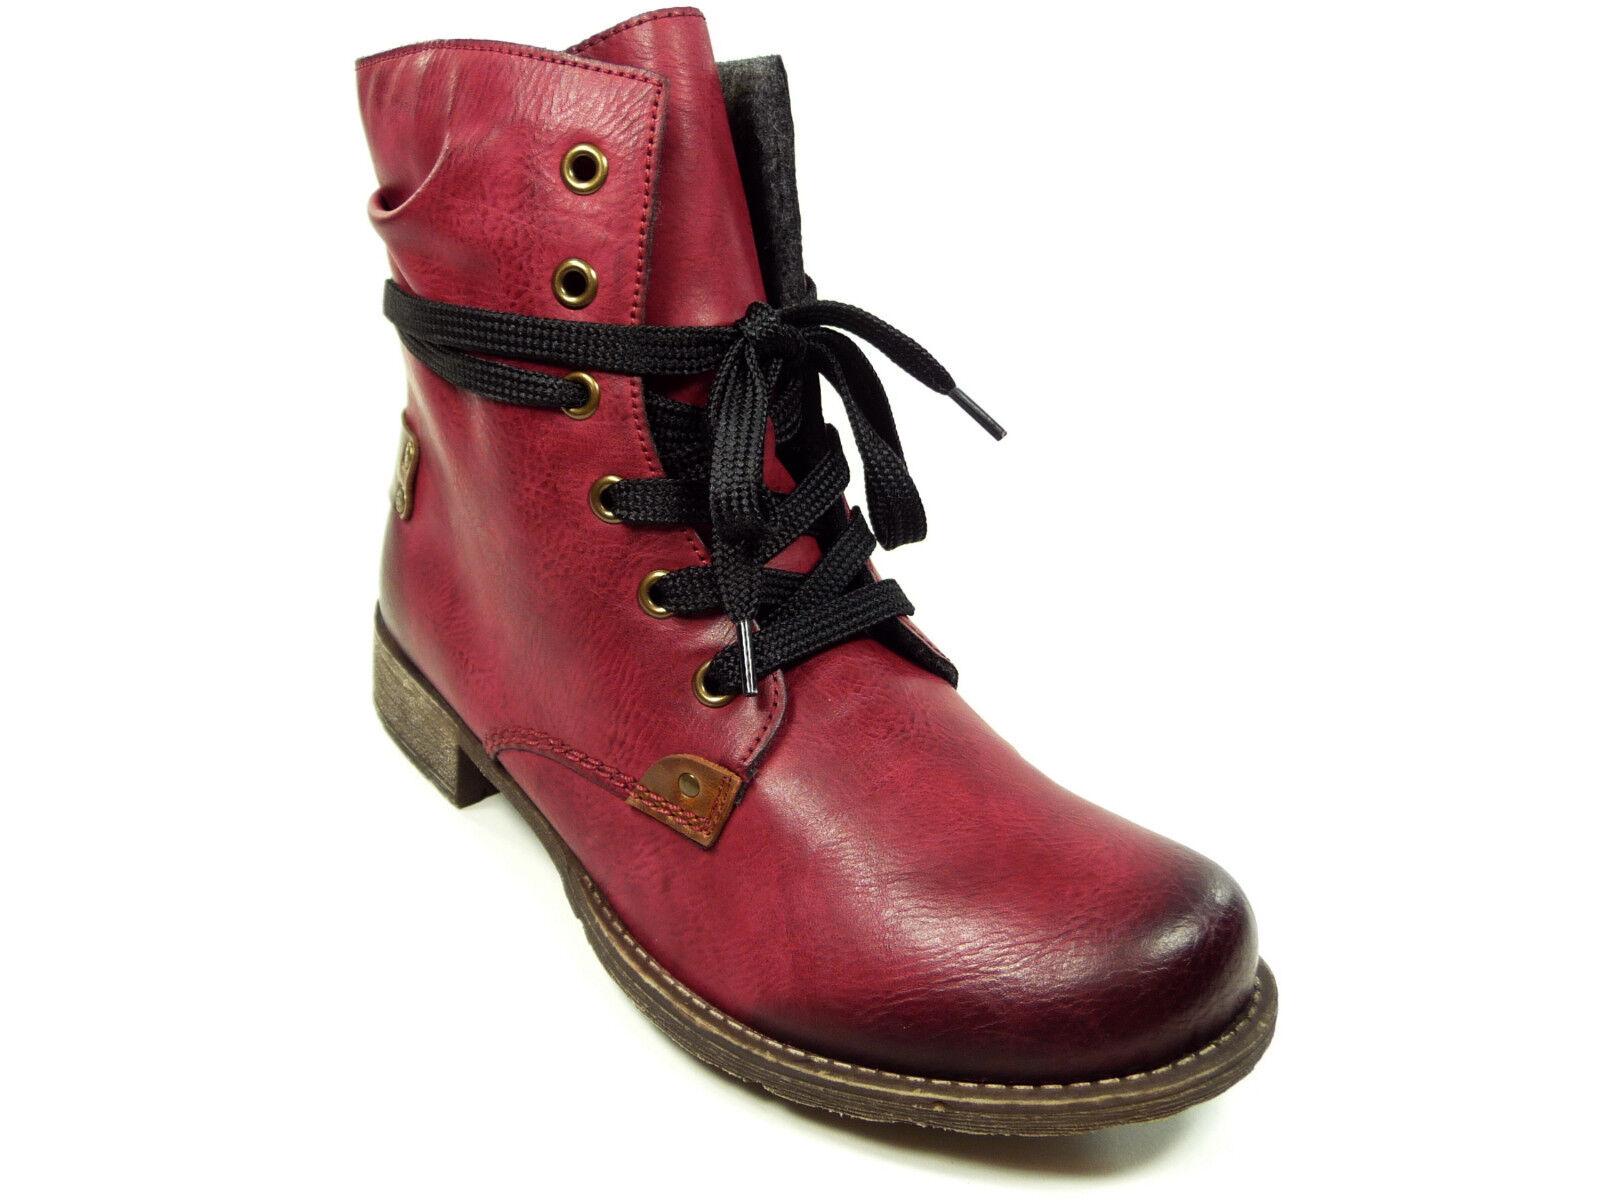 Rieker Damenschuhe Stiefelette neu Stiefel mit Reißverschluss neu Stiefelette in Rot ... 6f47f0